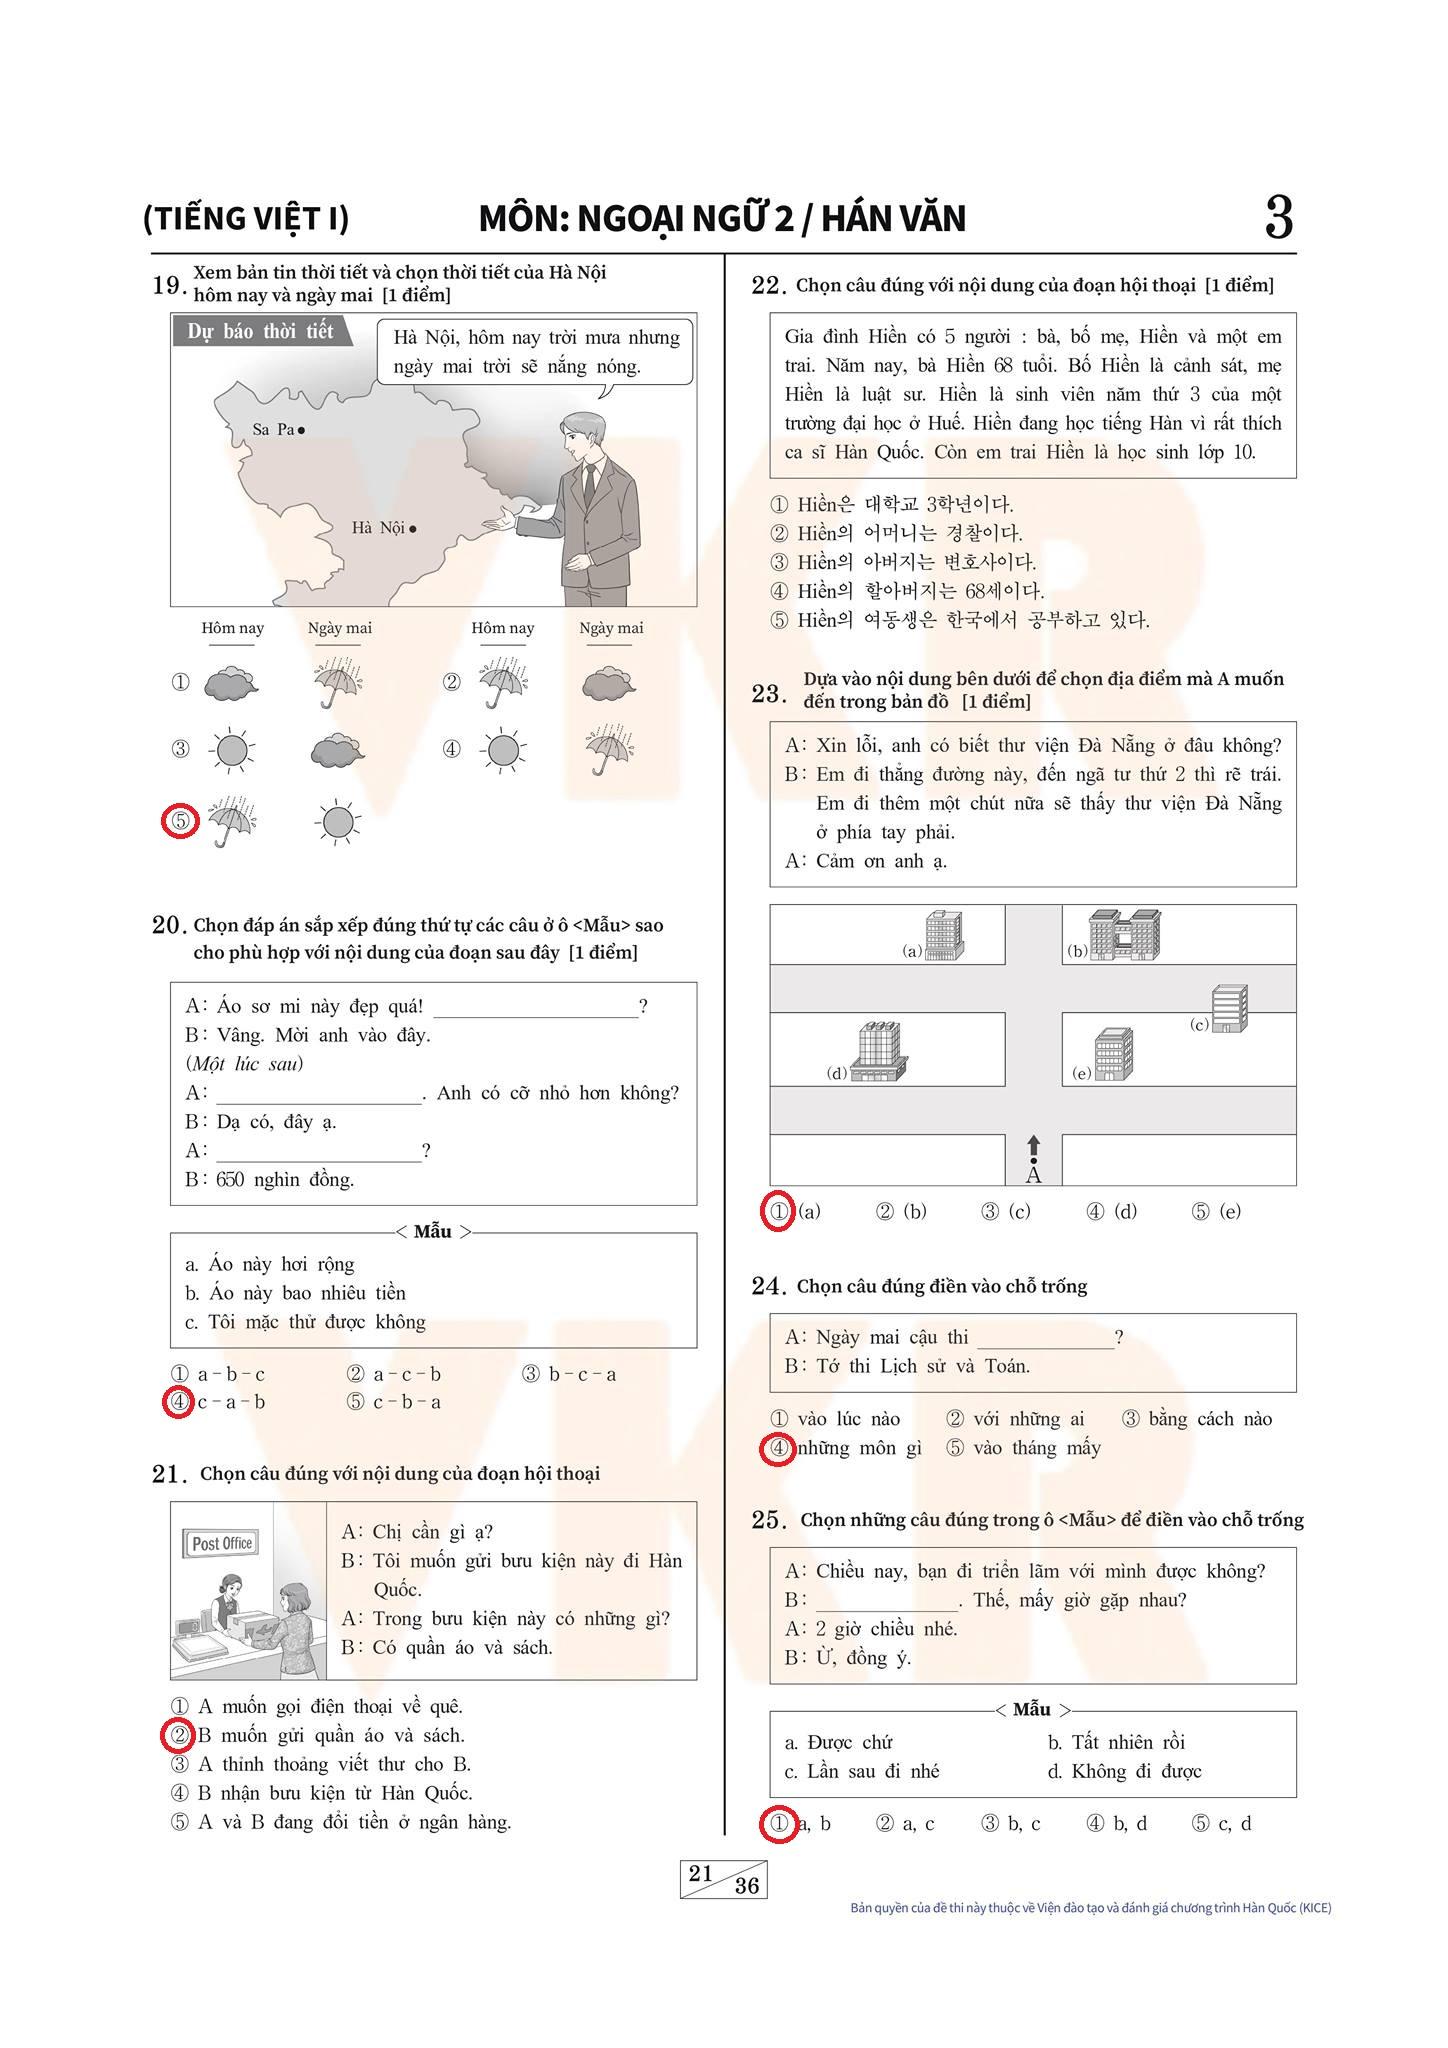 Đáp án môn tiếng Việt trong kỳ thi Đại học Hàn Quốc: Lắt léo vô cùng - Ảnh 4.